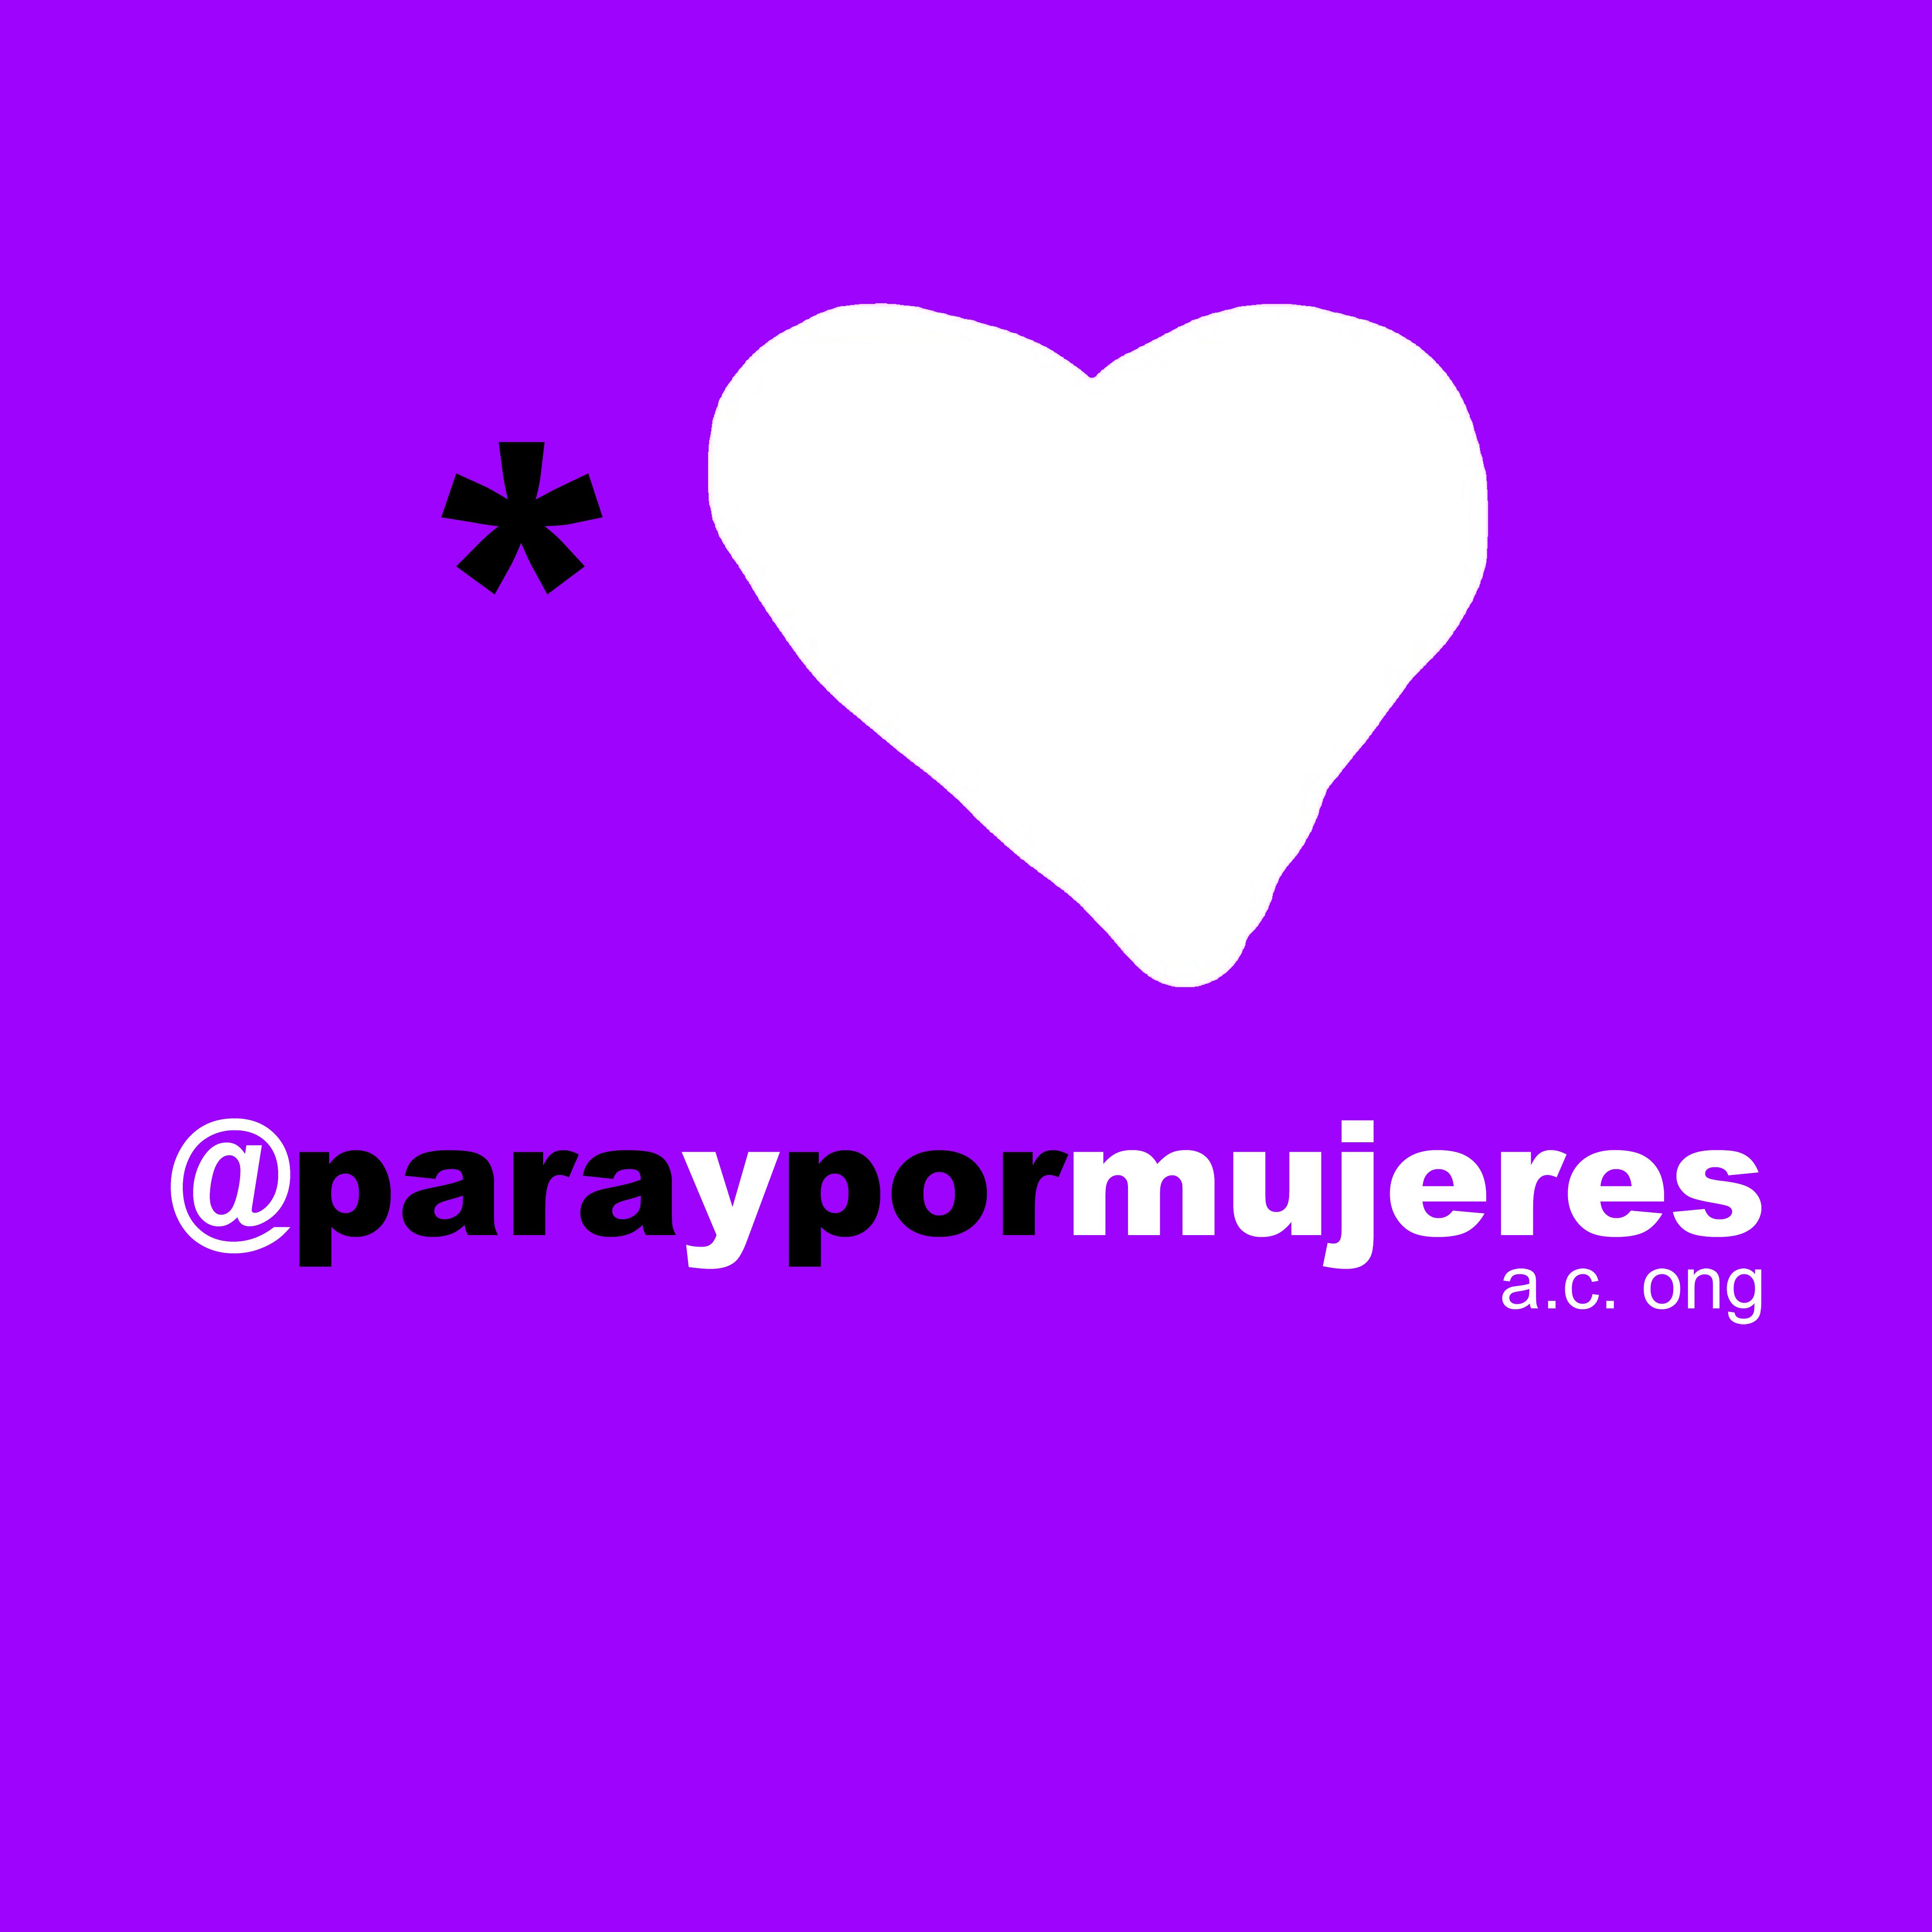 LOGO PARAYPORMUJERES ONG FEMINISTA LGTBIQ+ BARCELONA DIFUSIÓN ARTISTAS LOVE REVOLUTION